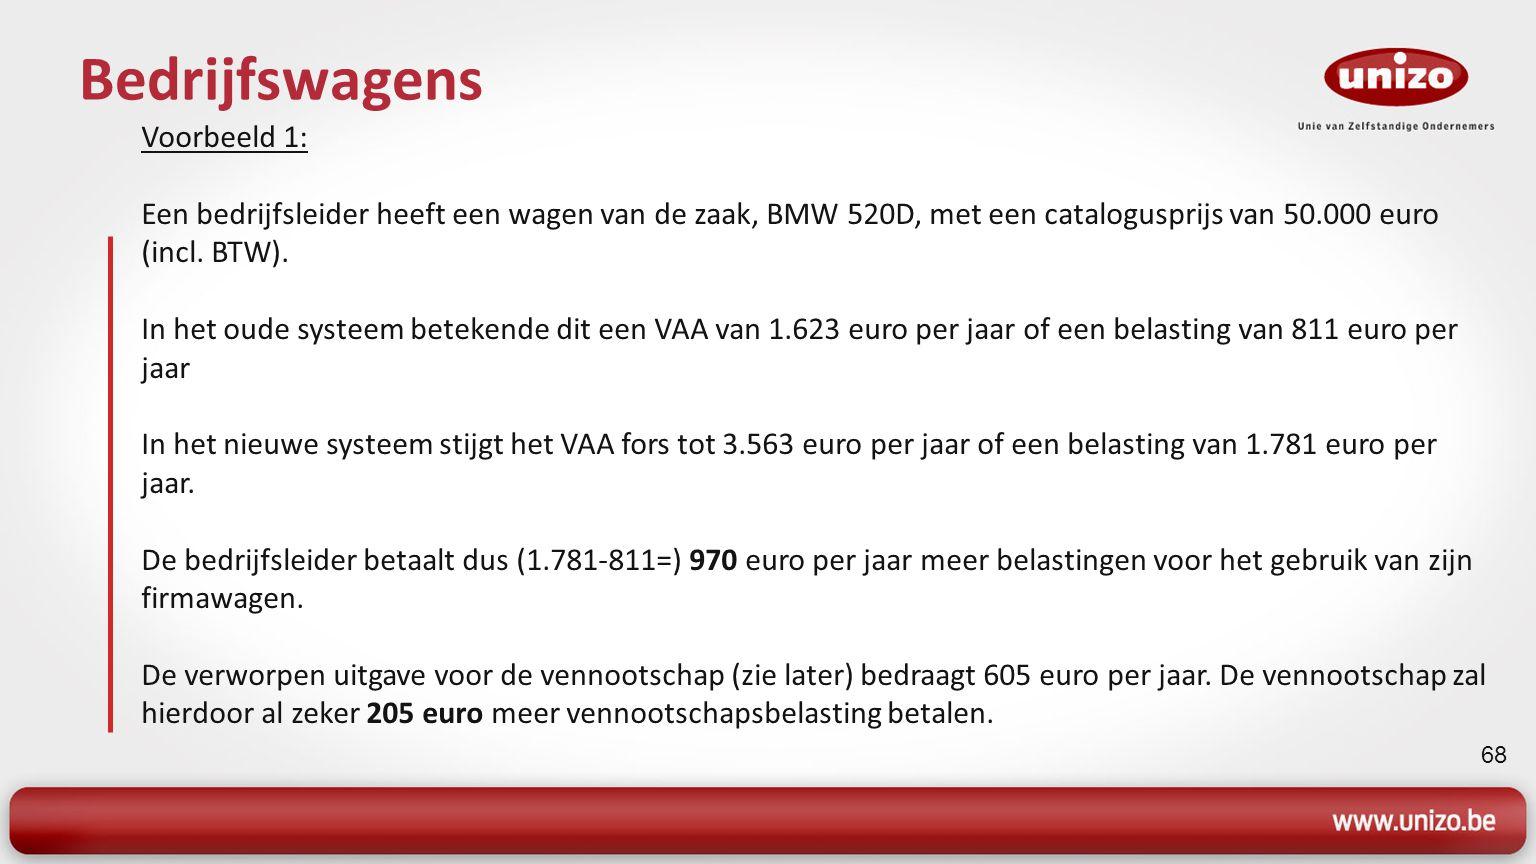 68 Bedrijfswagens Voorbeeld 1: Een bedrijfsleider heeft een wagen van de zaak, BMW 520D, met een catalogusprijs van 50.000 euro (incl.